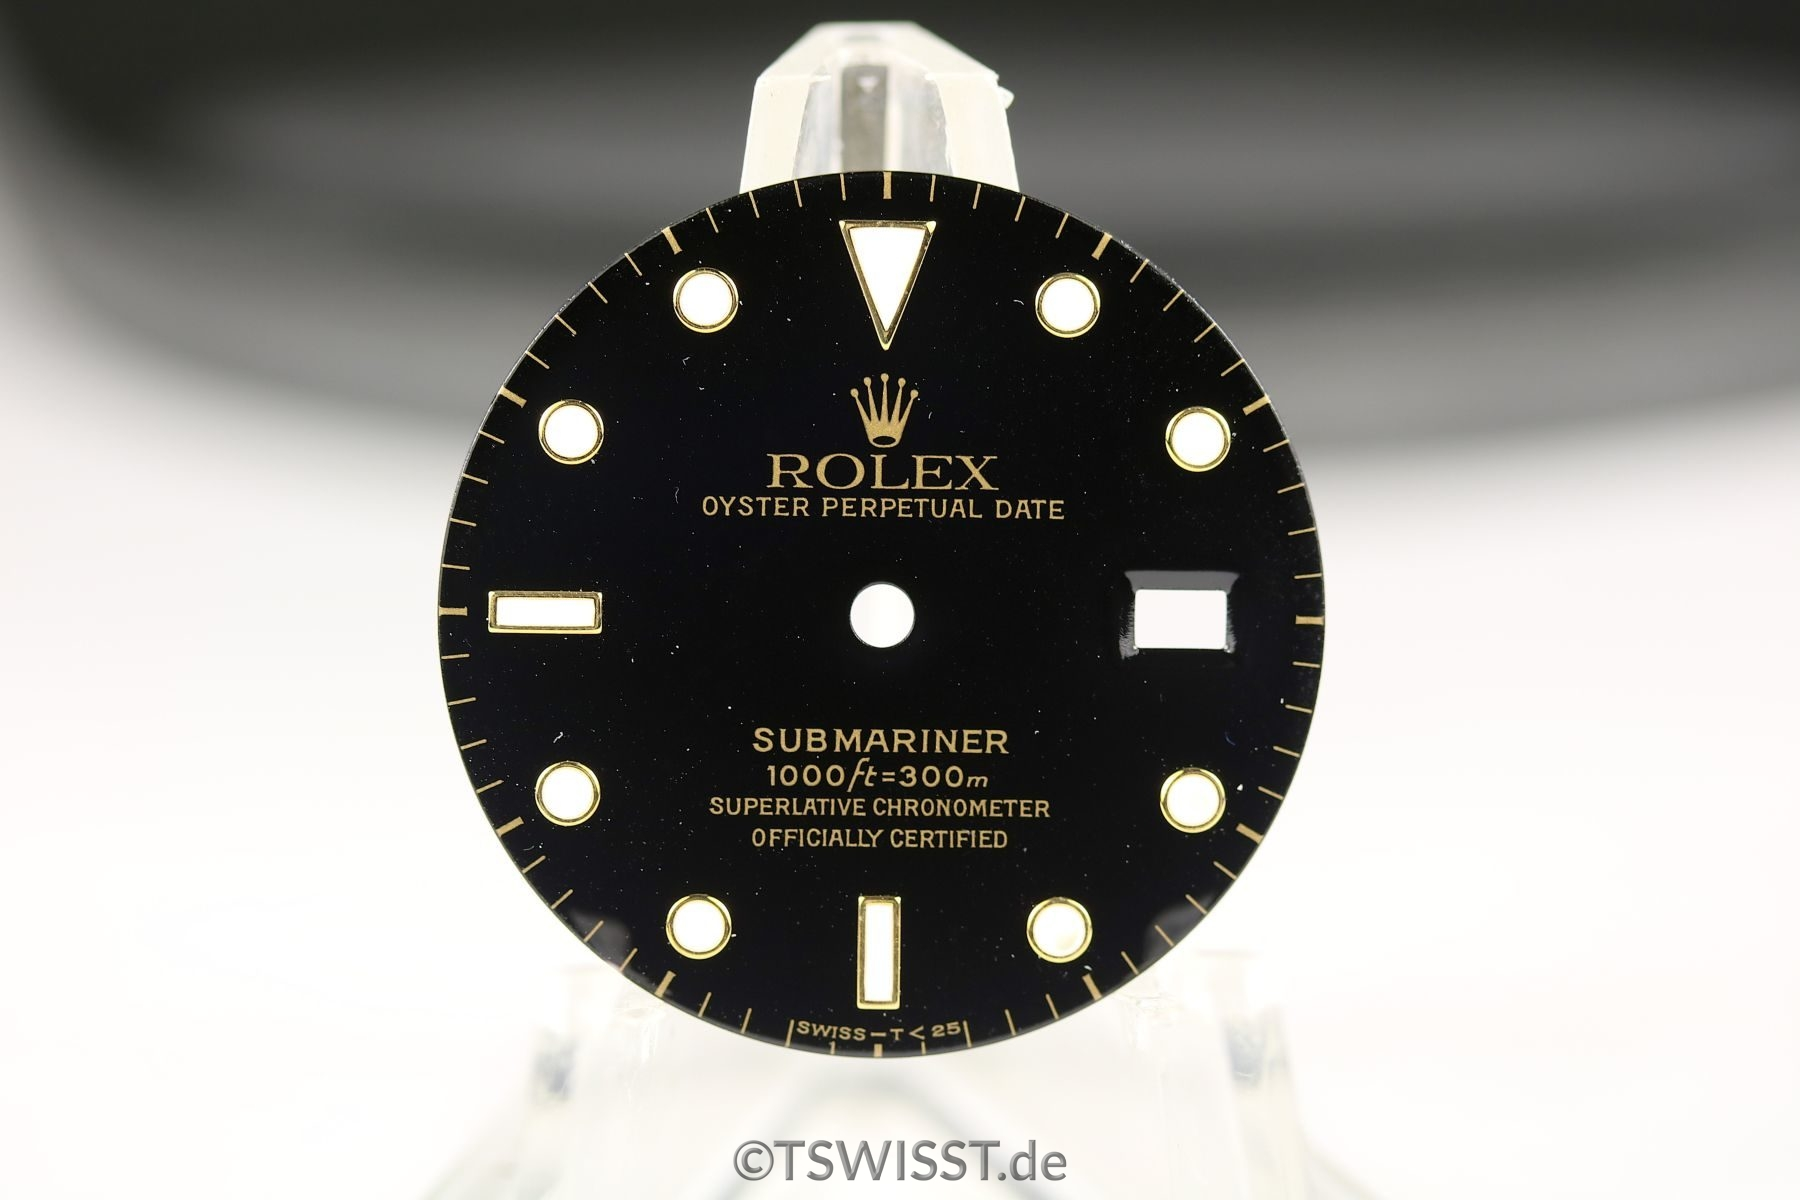 Rolex Submariner dial